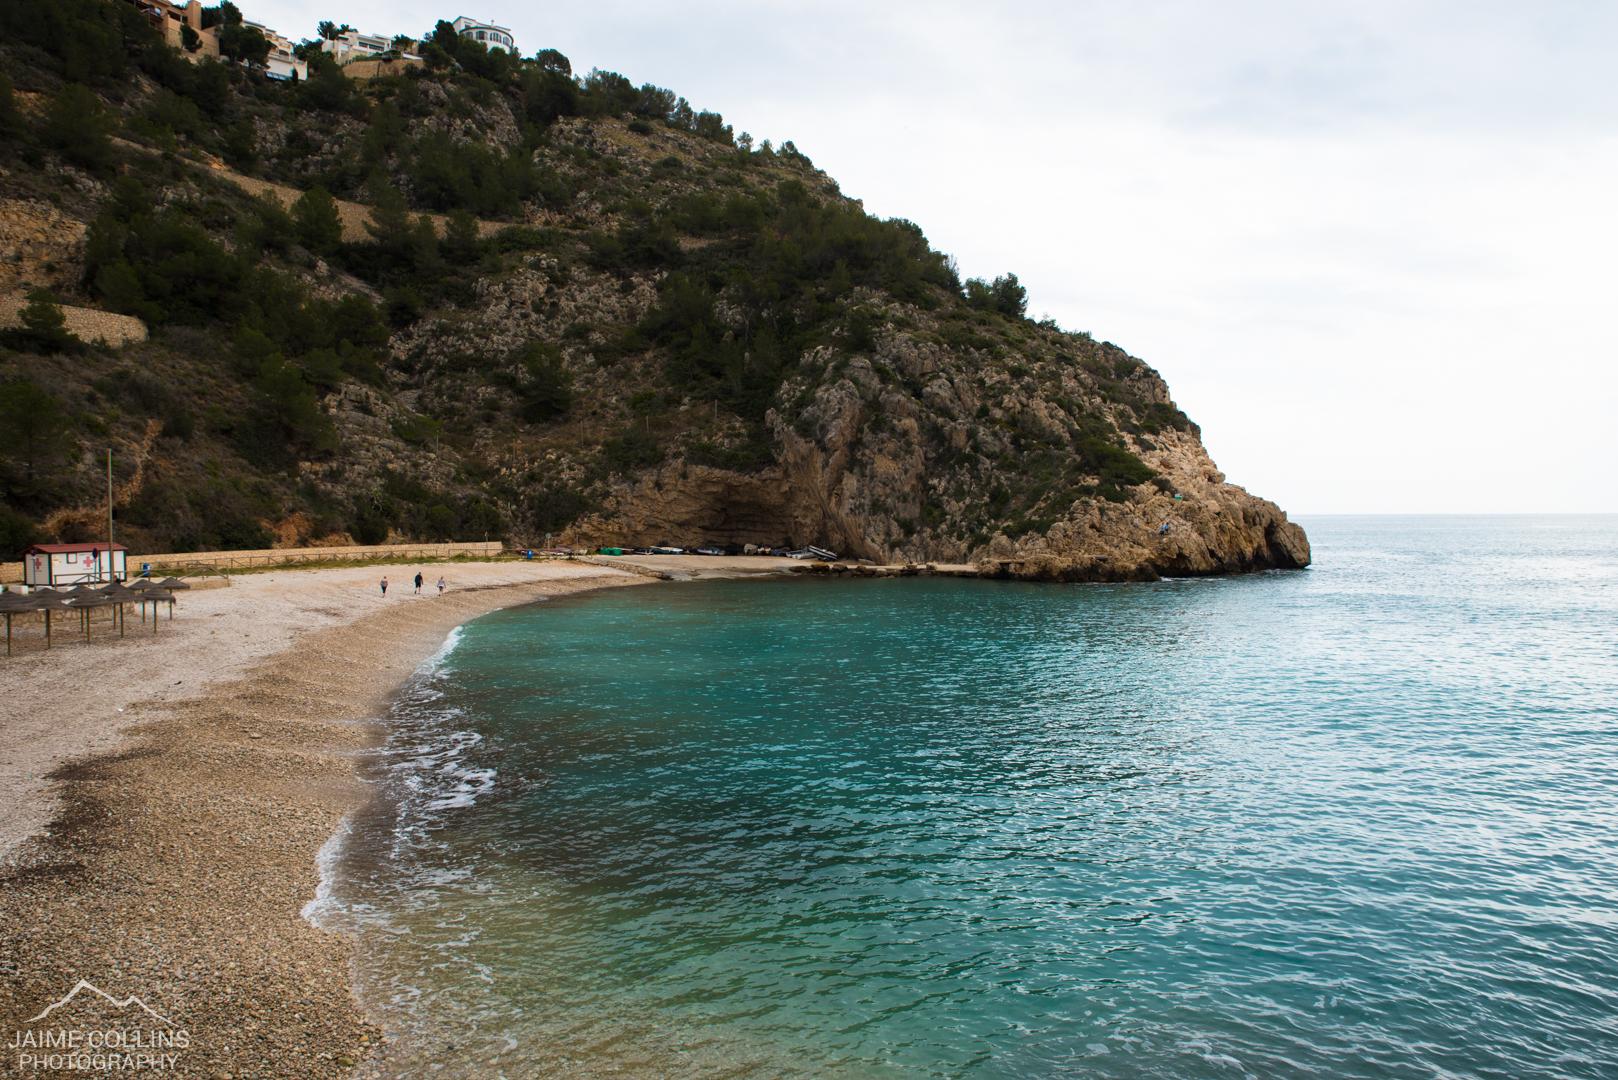 La Granadella beach - when we decided to go for a drive